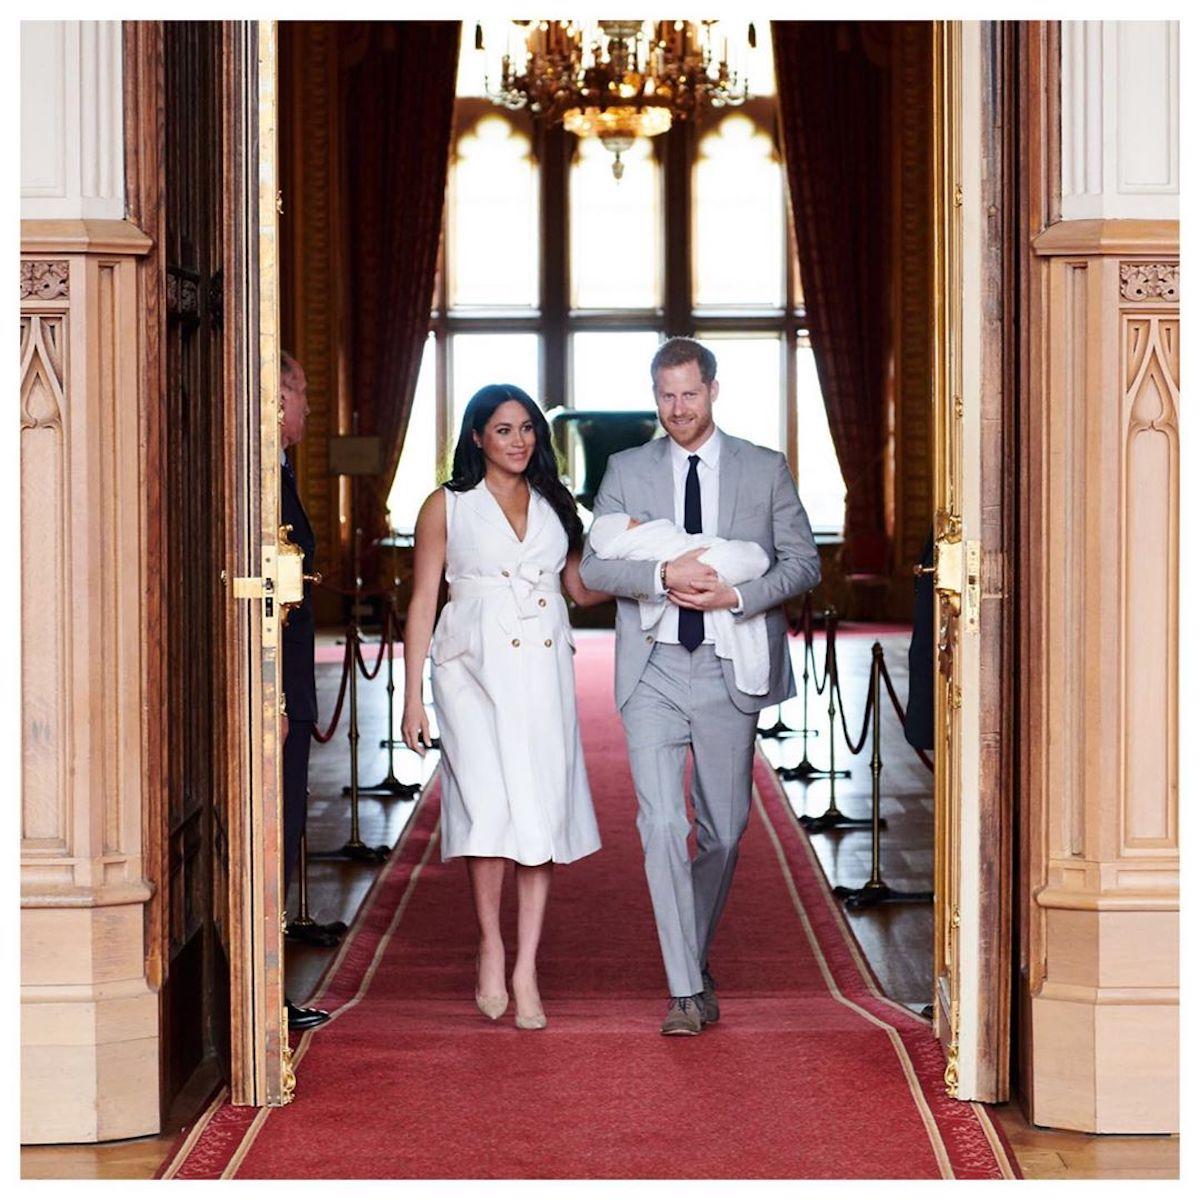 dd75e330529e6 http://www.smooth.com.au/entertainment/prince-harry-and-meghan ...